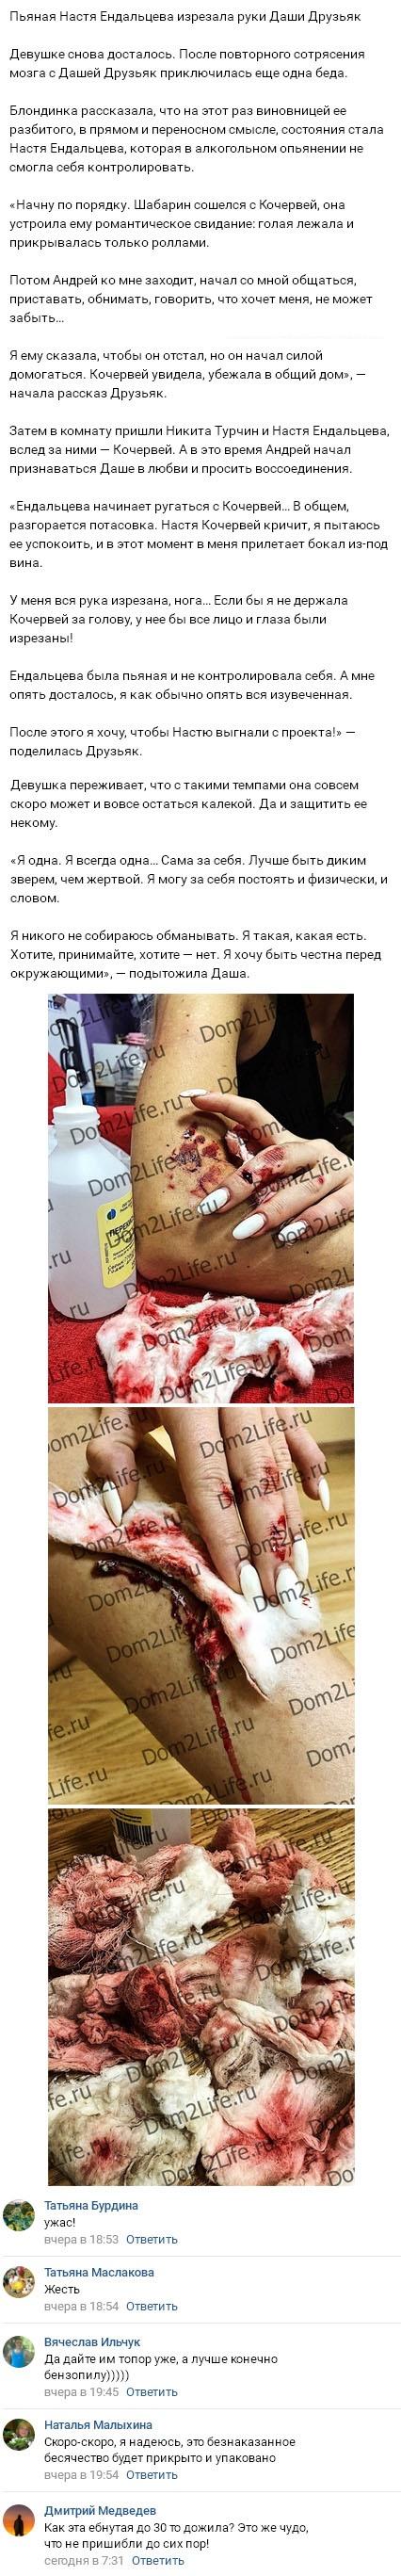 Дарья Друзьяк шокировала фото изрезанных до крови рук